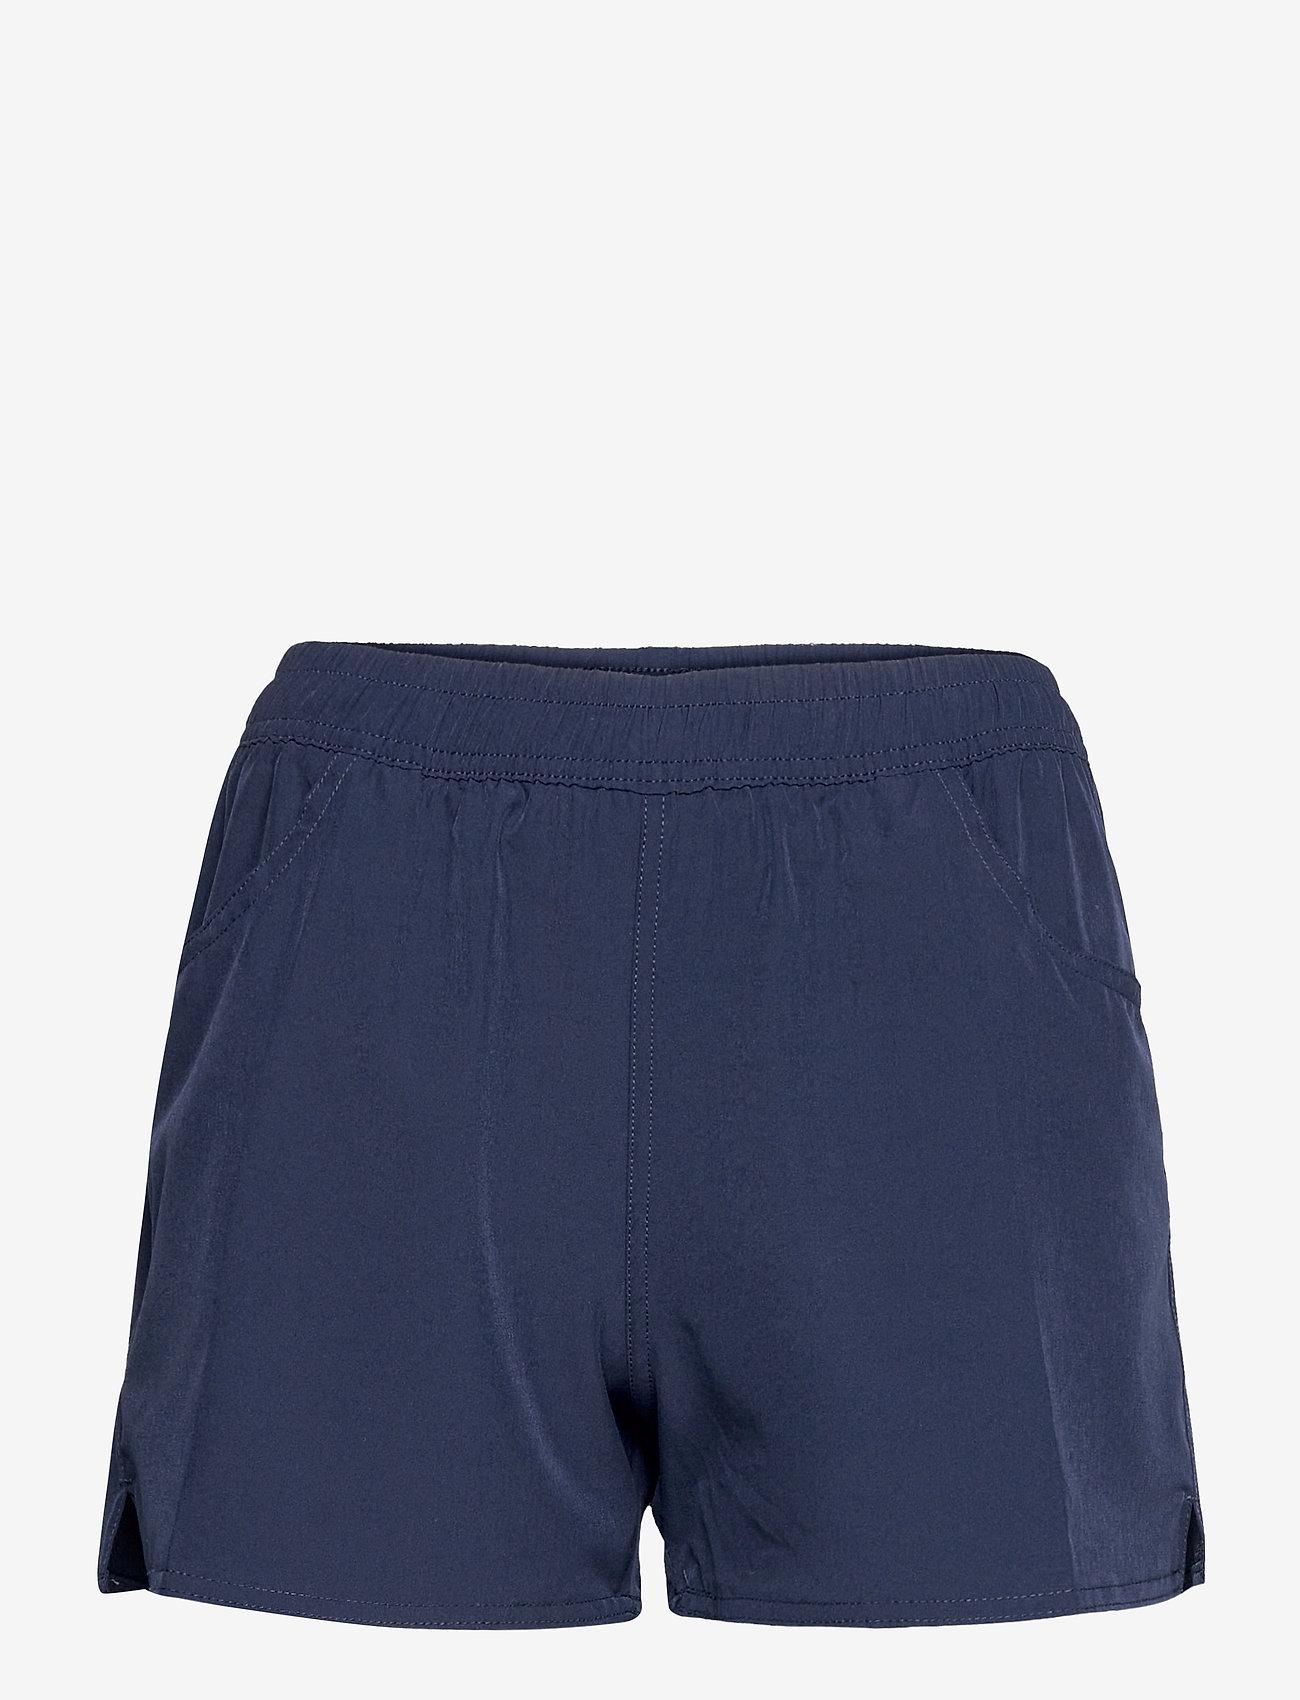 Panos Emporio - PANOS EMPORIO LUCCA SOLID SHORTS - shorts casual - navy - 0